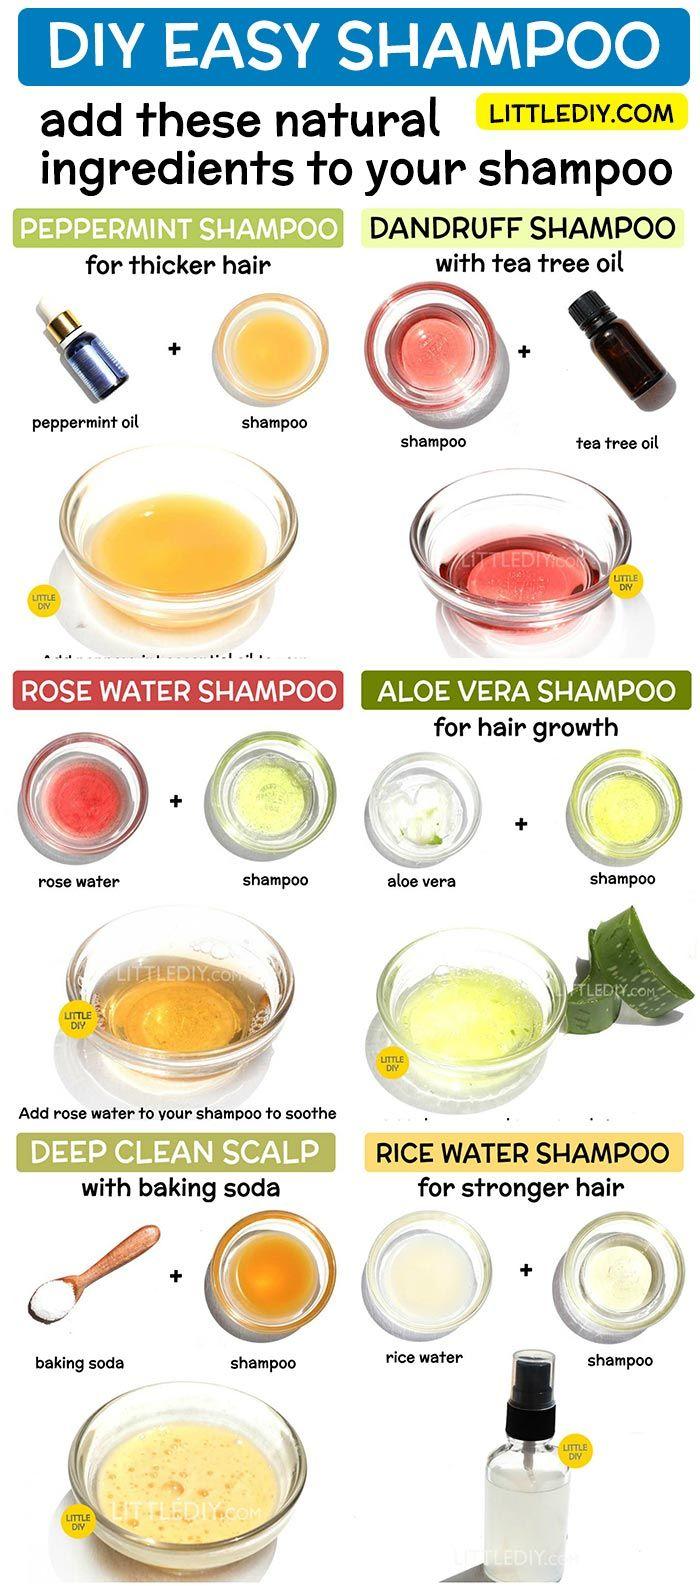 DIY EASY SHAMPOO RECIPES Tea tree oil shampoo